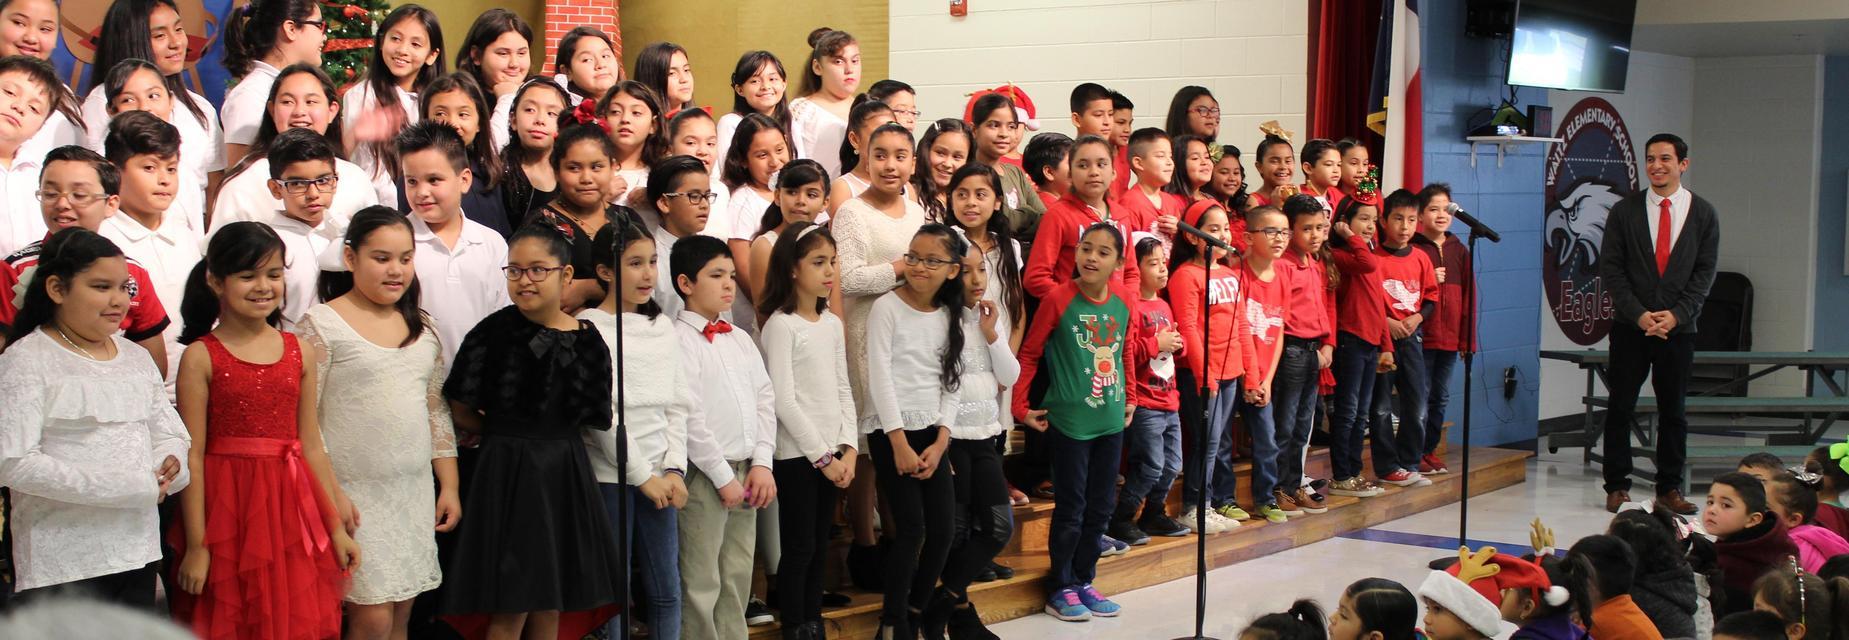 Mr. Gonzalez, music teacher with Choir kids